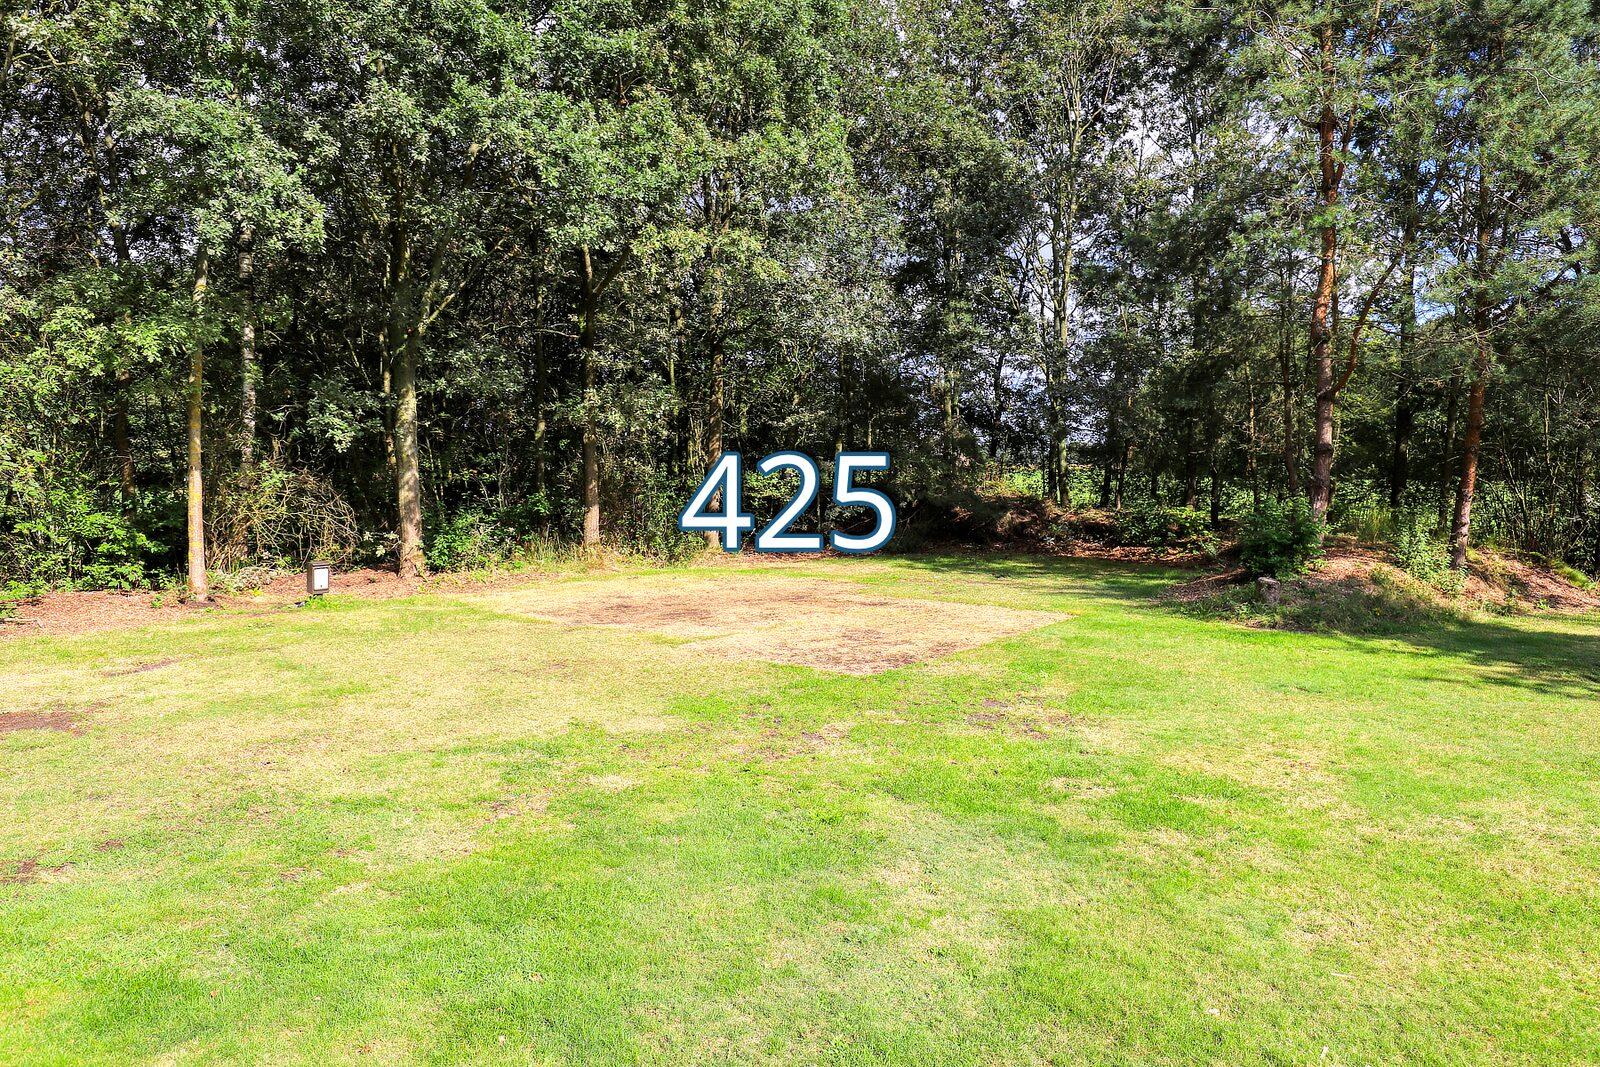 meemsveld 425